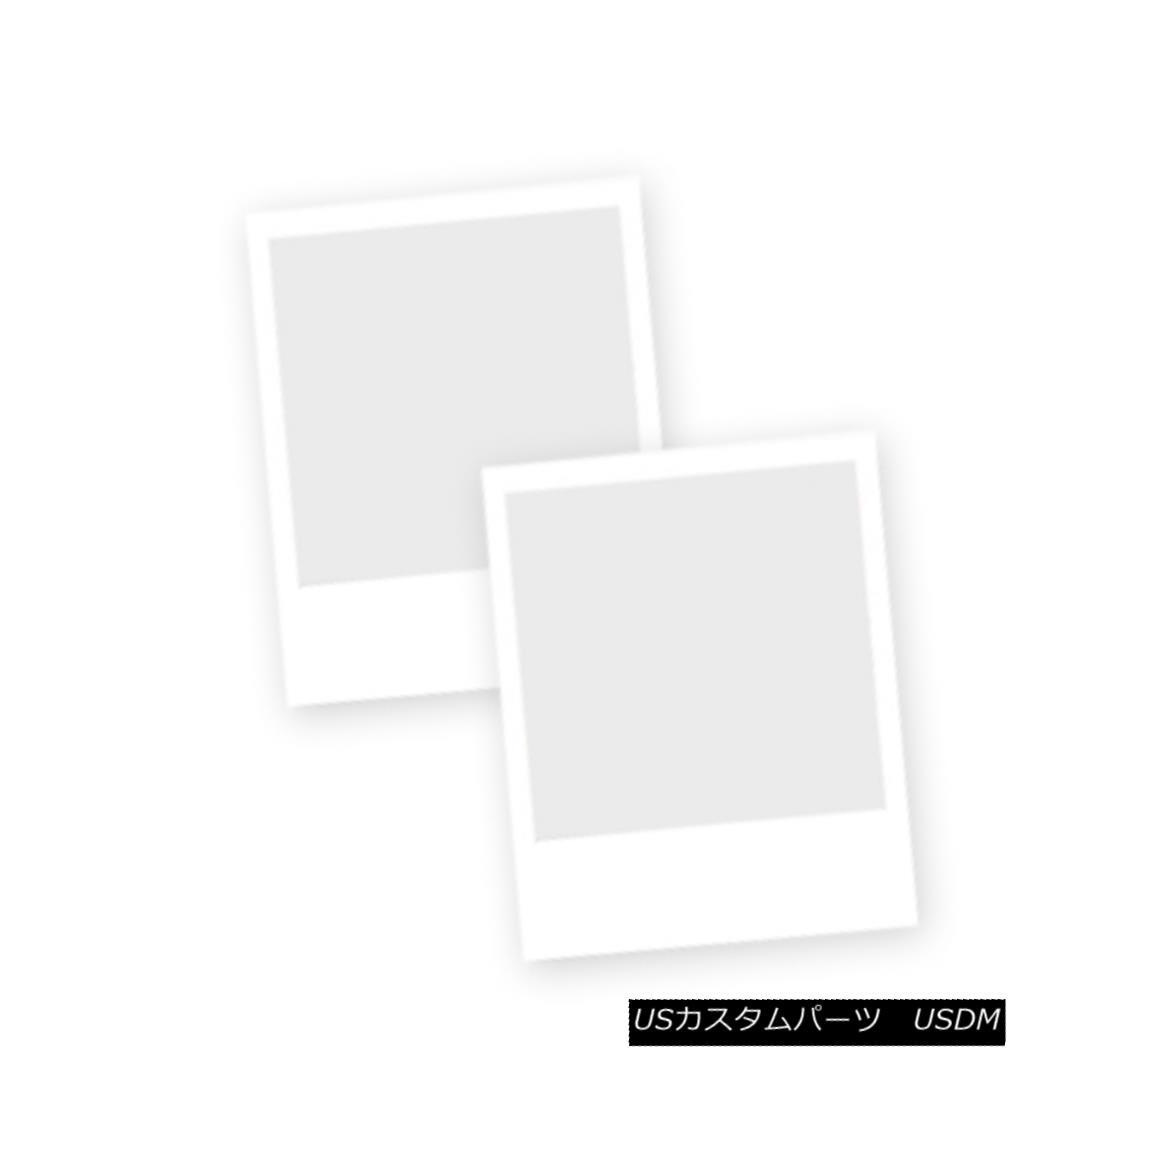 幌・ソフトトップ RAMPAGE 109517 Bowless Soft Top Kit 97-0 RAMPAGE 109517 Bowlessソフトトップキット97-0